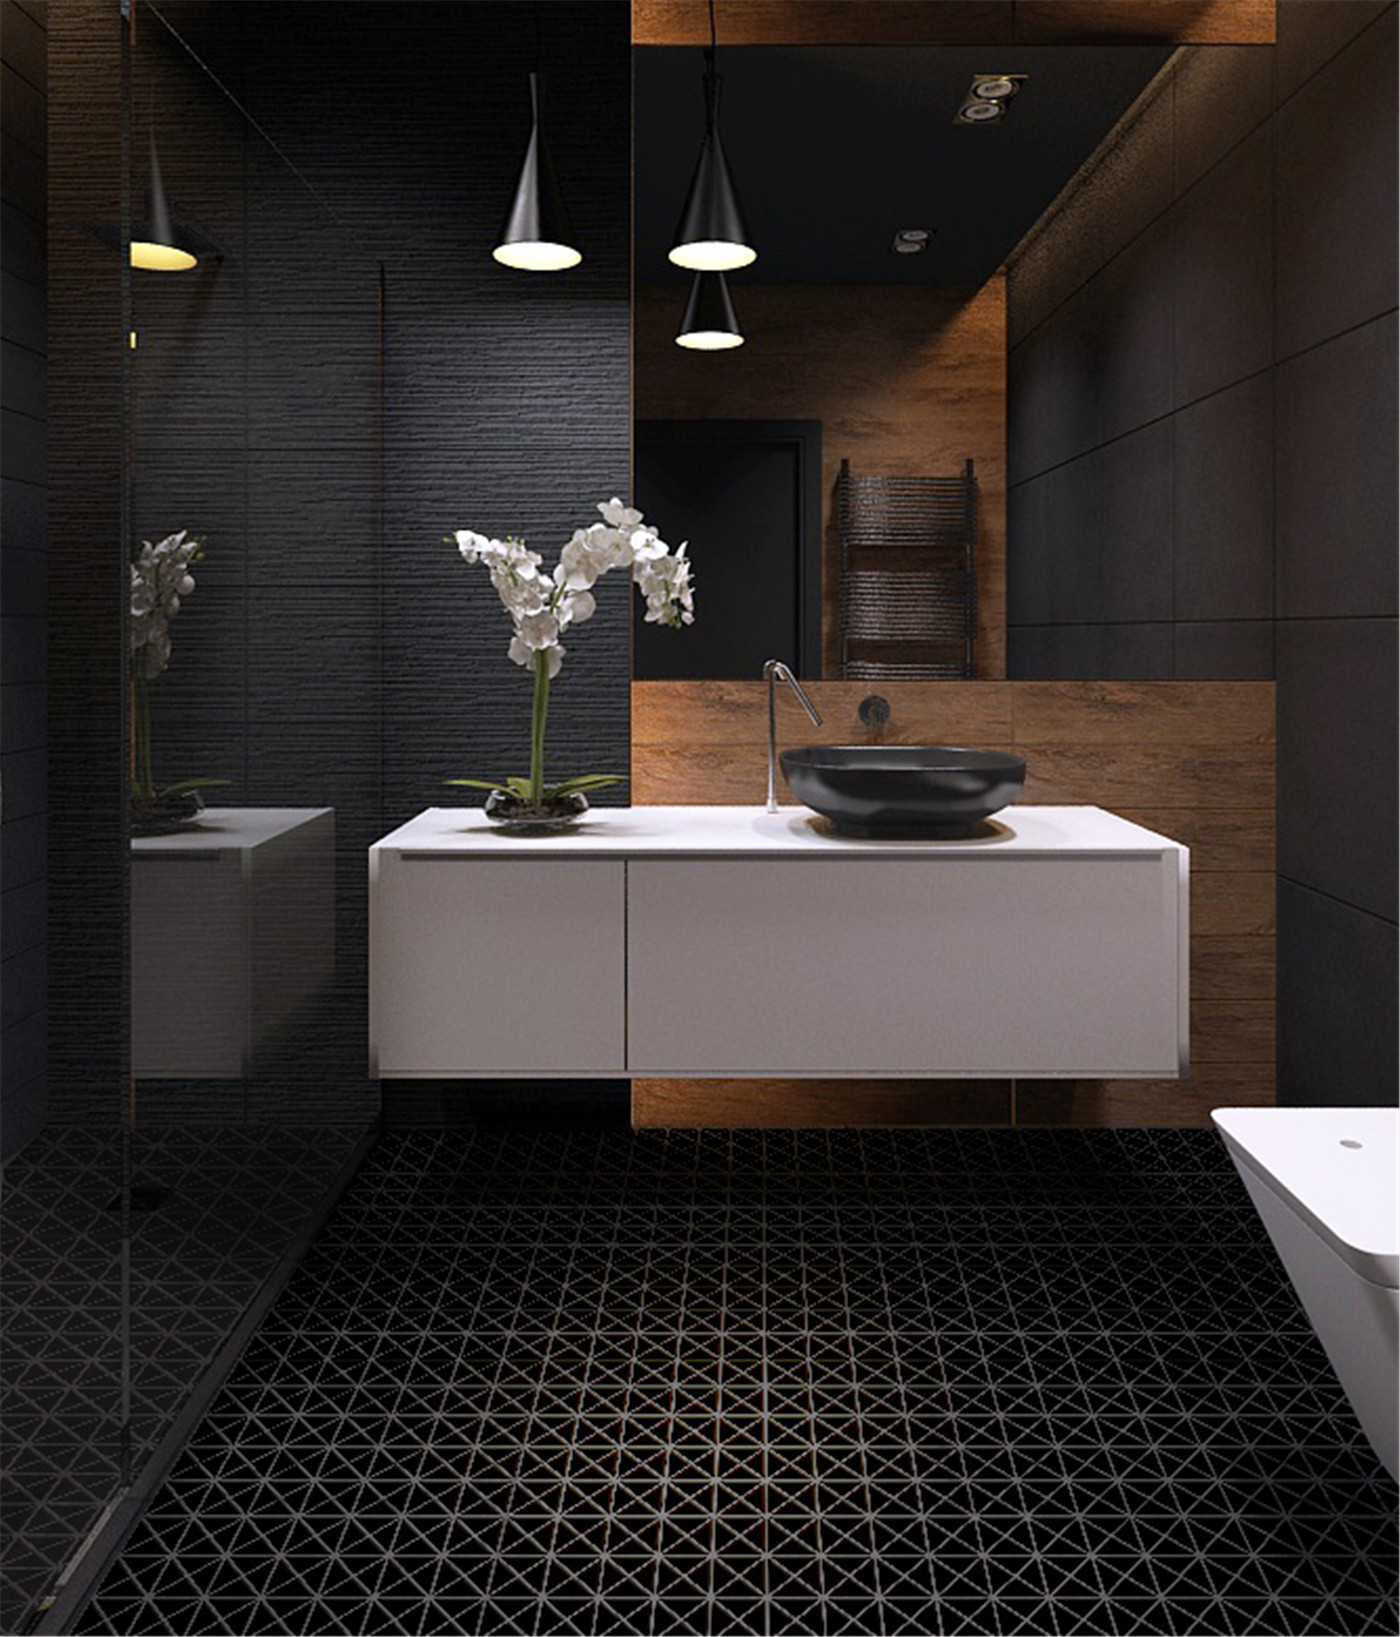 2 Pure Black Matte Porcelain Triangle Mosaic Floor Tile